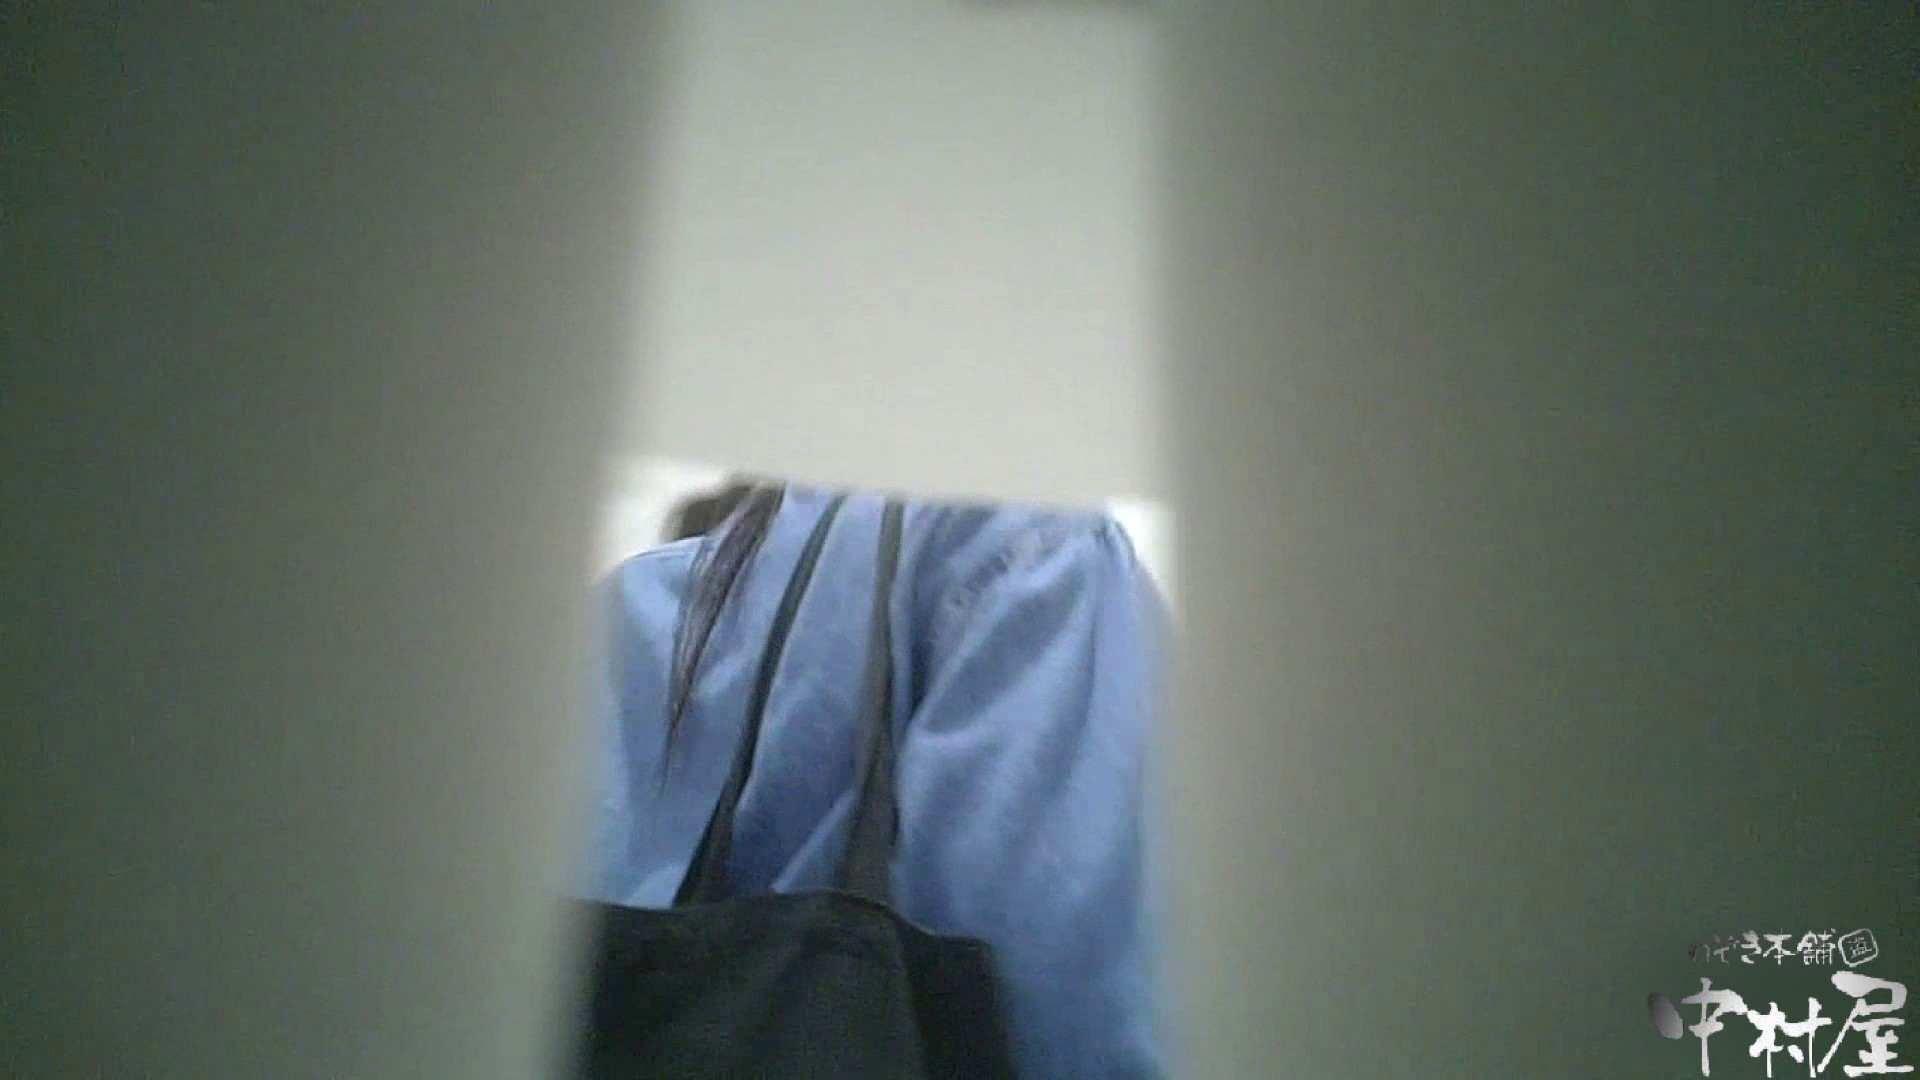 【某有名大学女性洗面所】有名大学女性洗面所 vol.37 ついでにアンダーヘアーの状態確認ですね。 OL  48連発 27